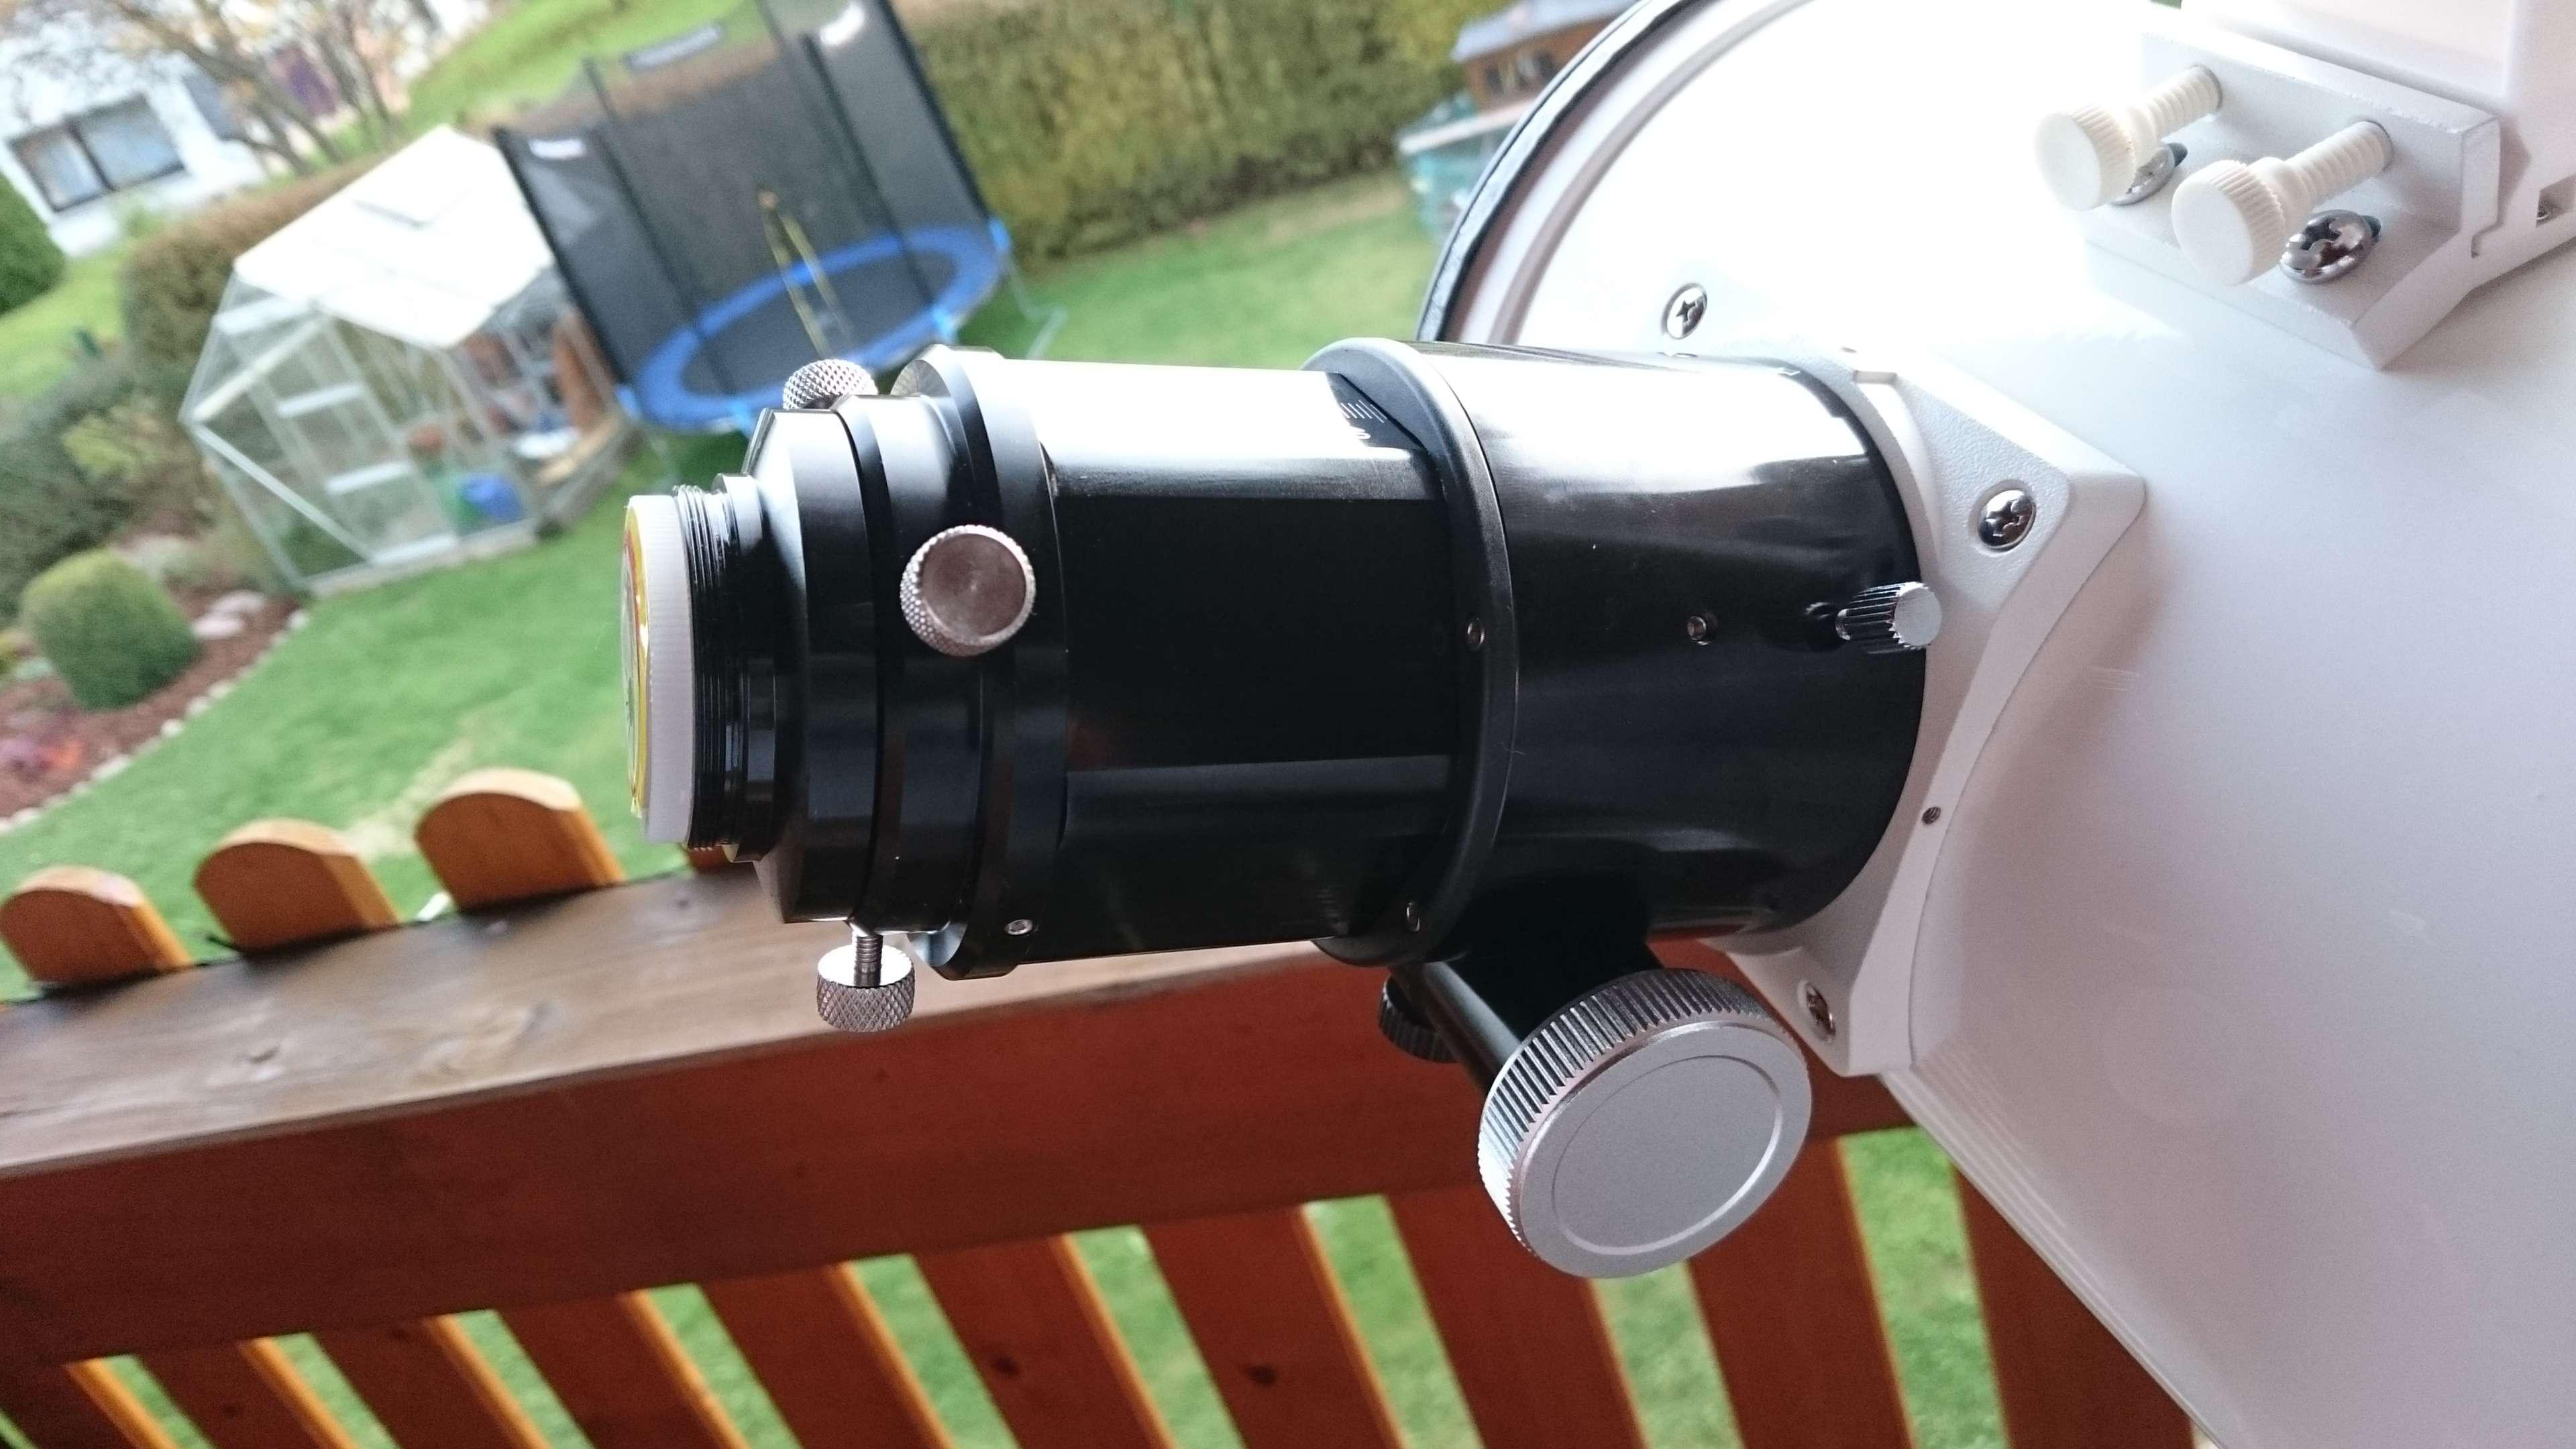 Bresser teleskop forum kein fokus bresser nt mm astro